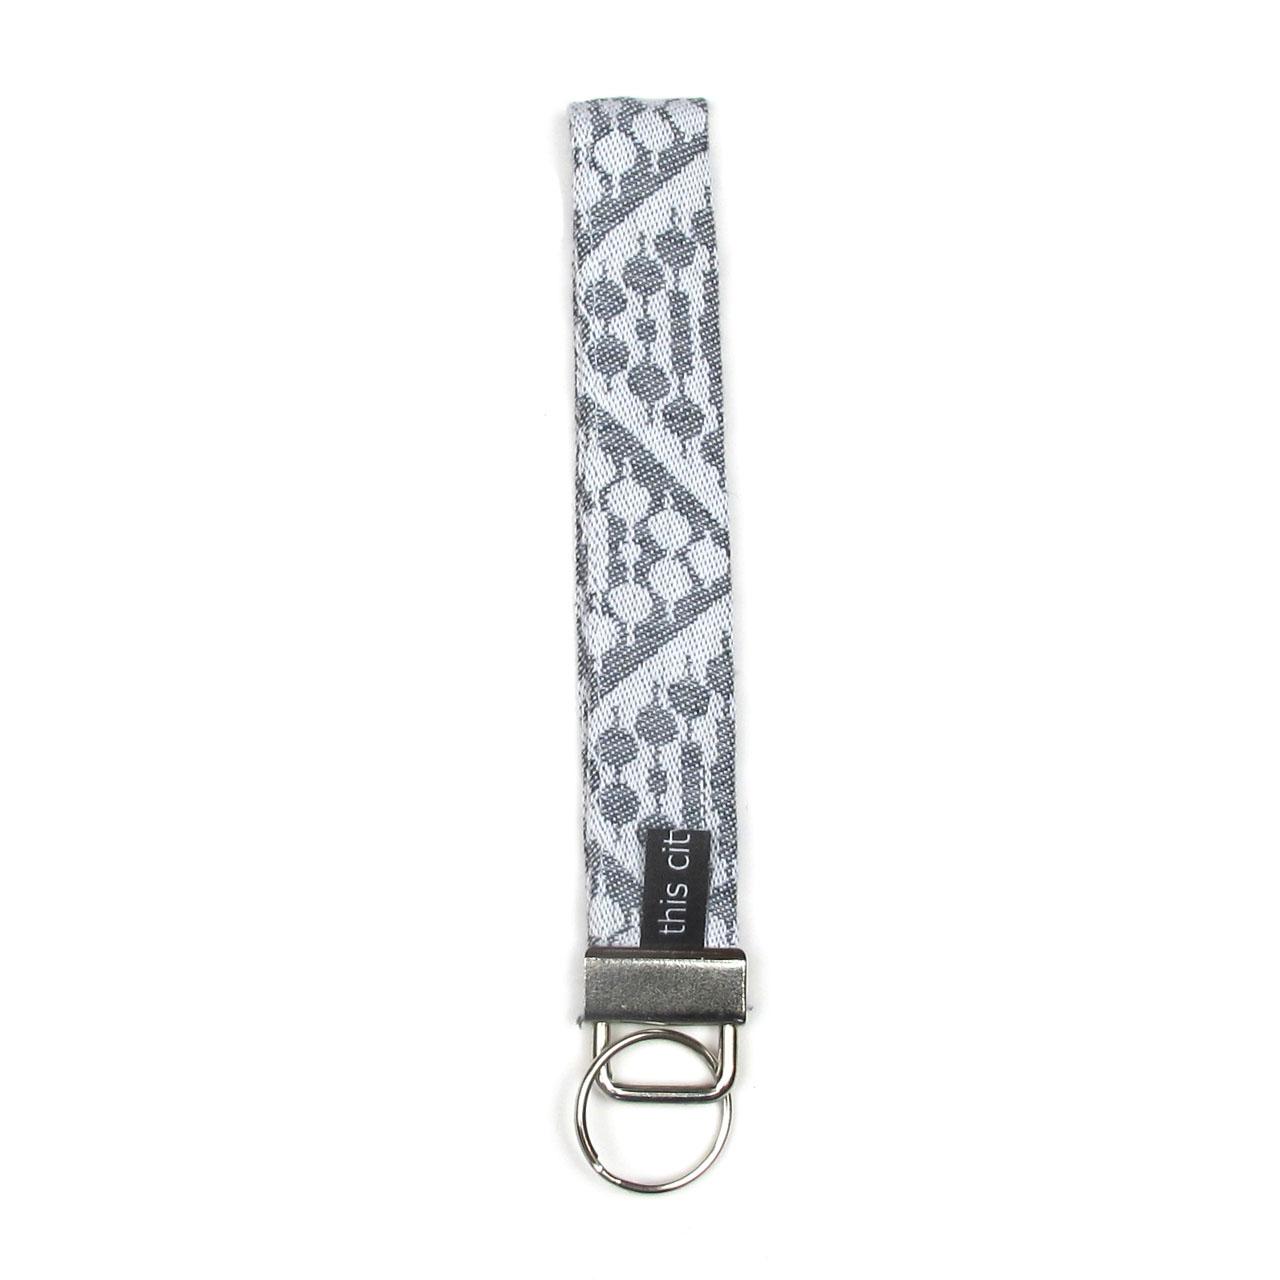 Schlüsselanhänger mit Schlaufe schwarz/silber